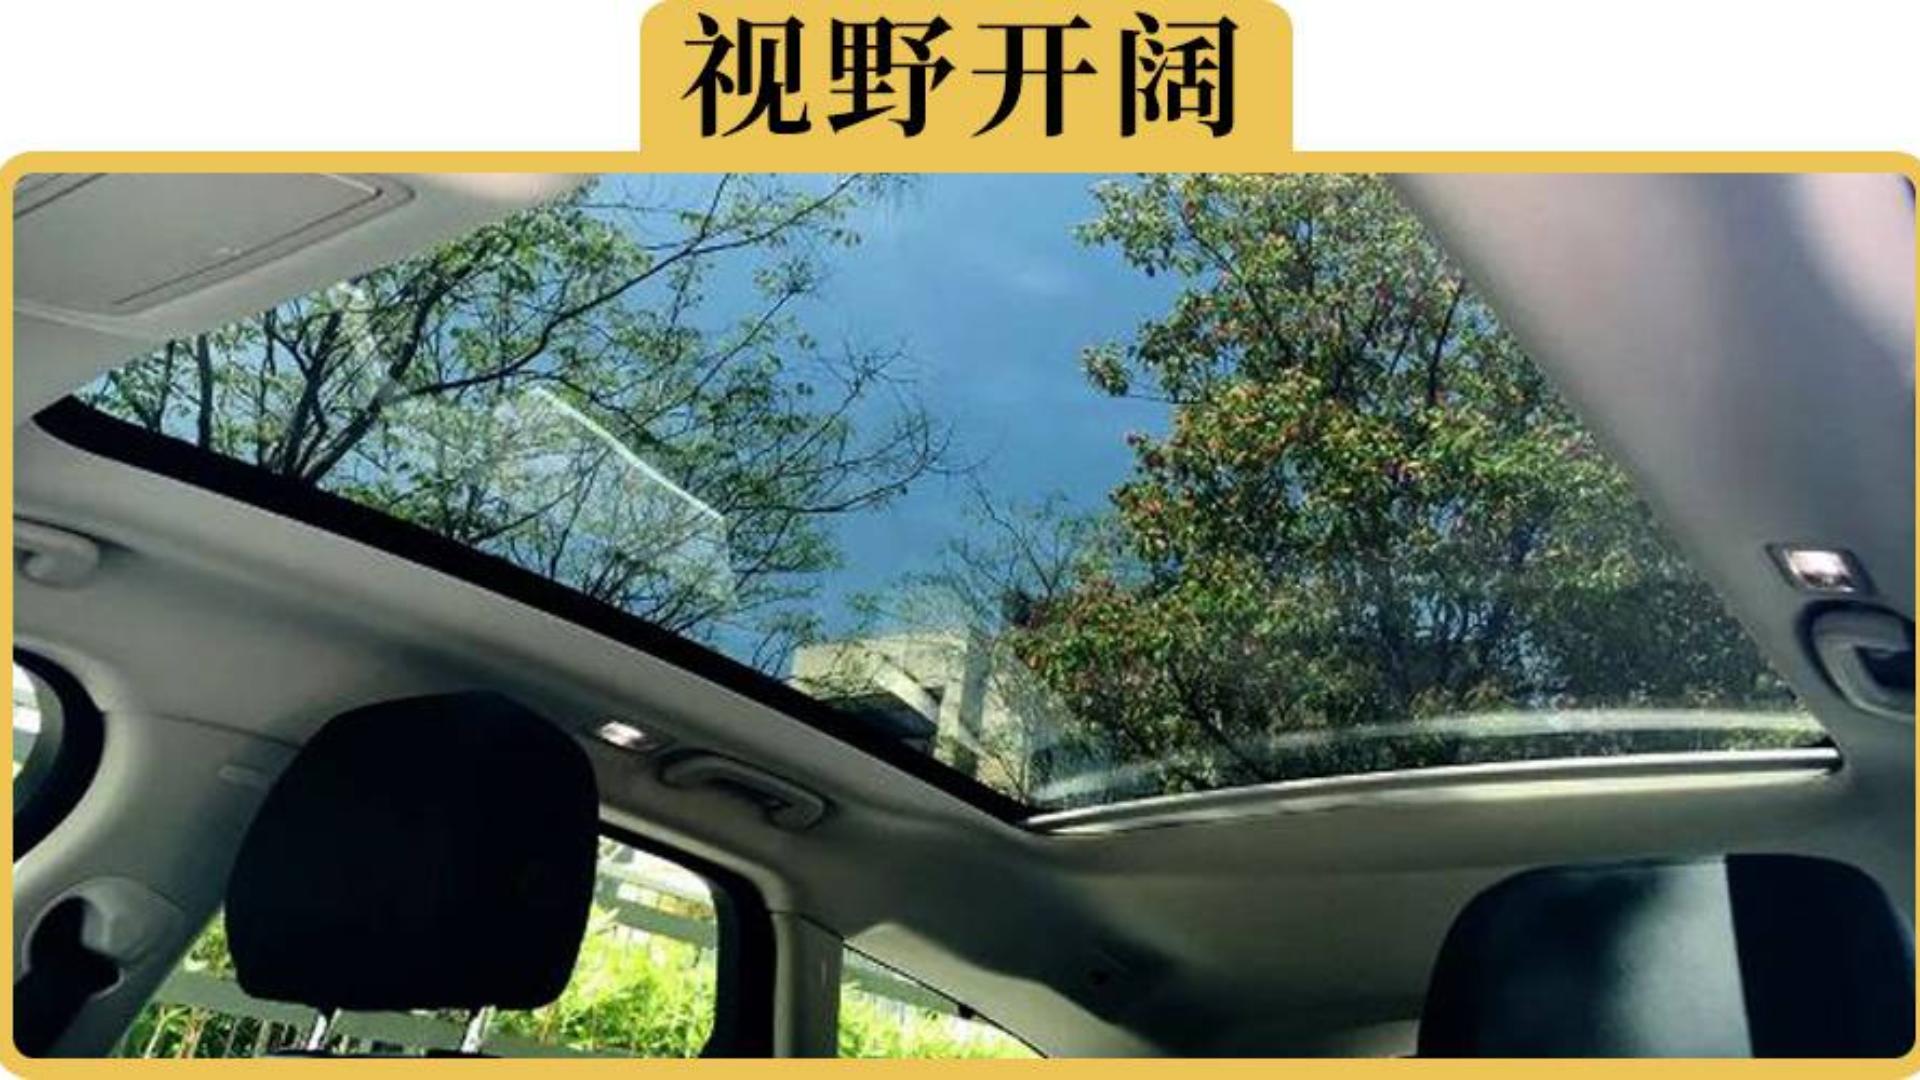 带天窗的车真的不安全吗